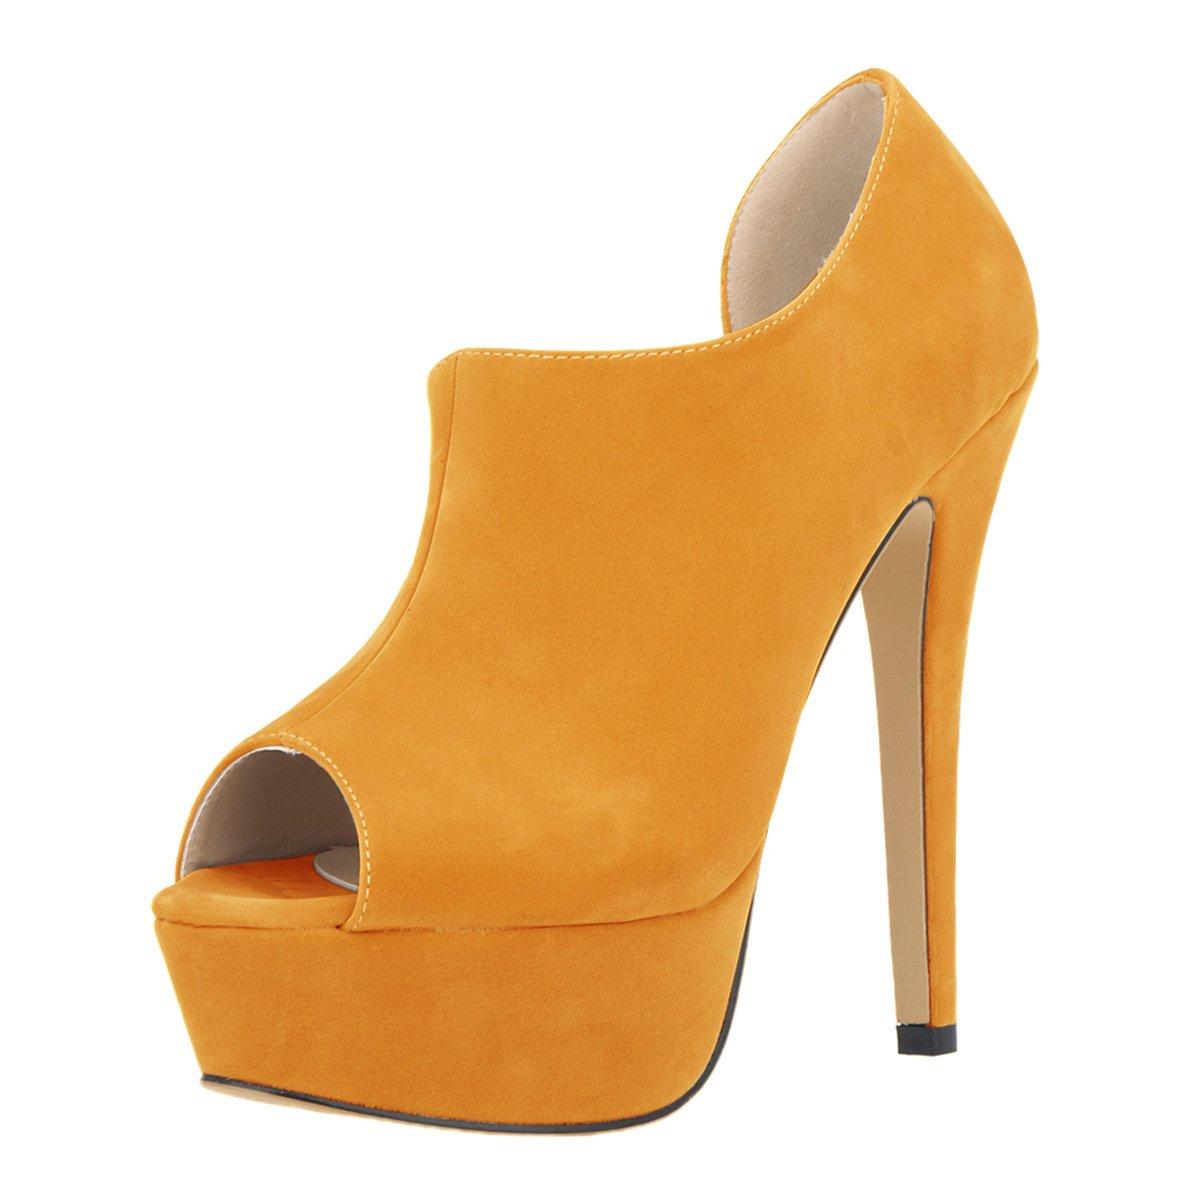 DYF Schuhe kurze Stiefel Stiefel Stiefel Farbe Größe Fisch Mund High Heel Wasserdicht Orange Fla 36 1b7a93